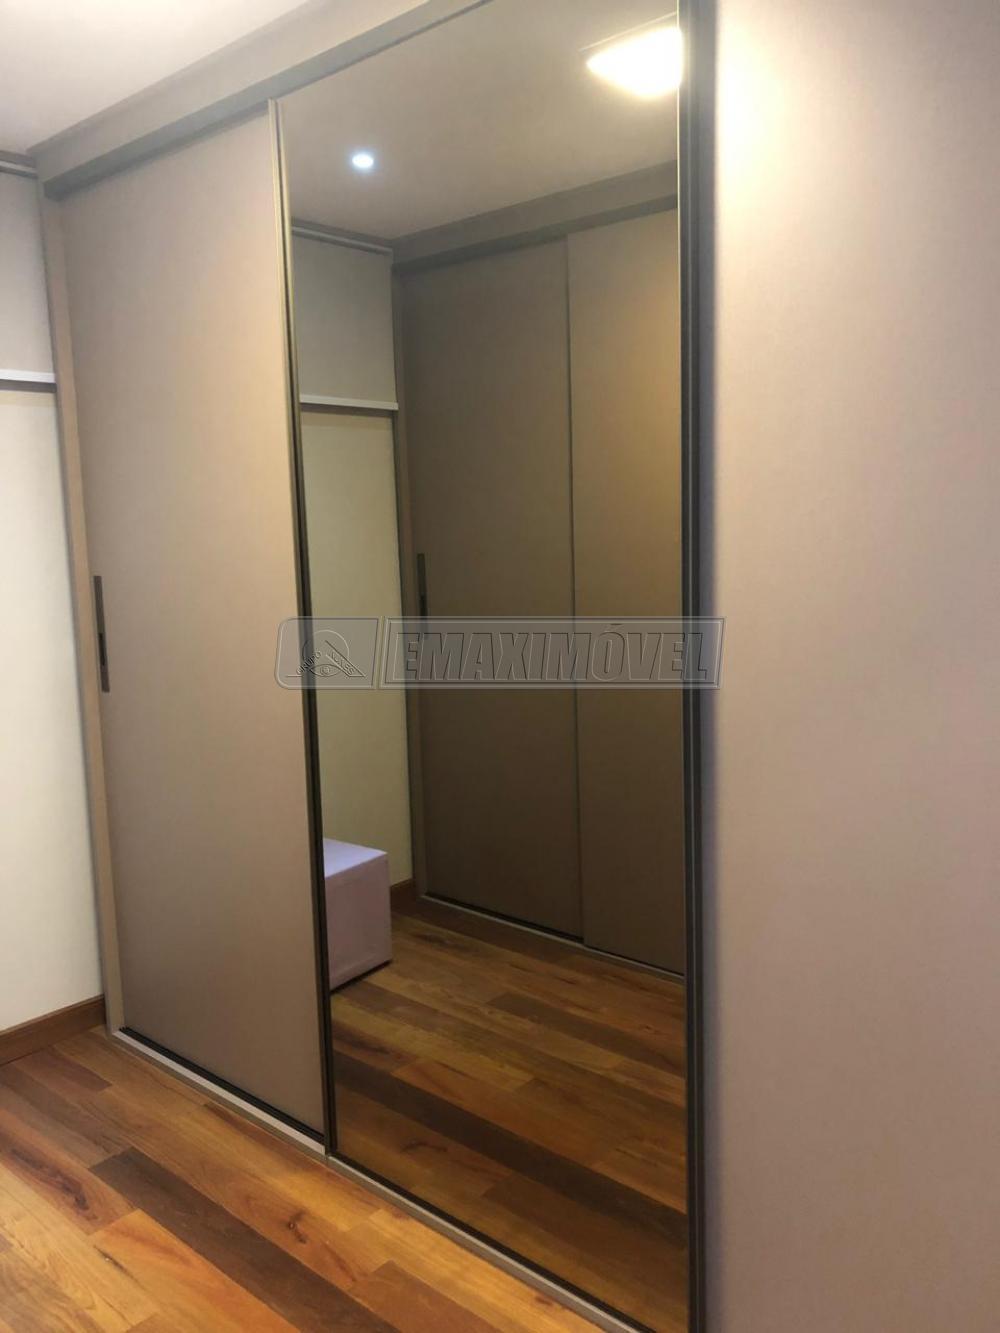 Comprar Casas / em Condomínios em Votorantim apenas R$ 2.300.000,00 - Foto 11